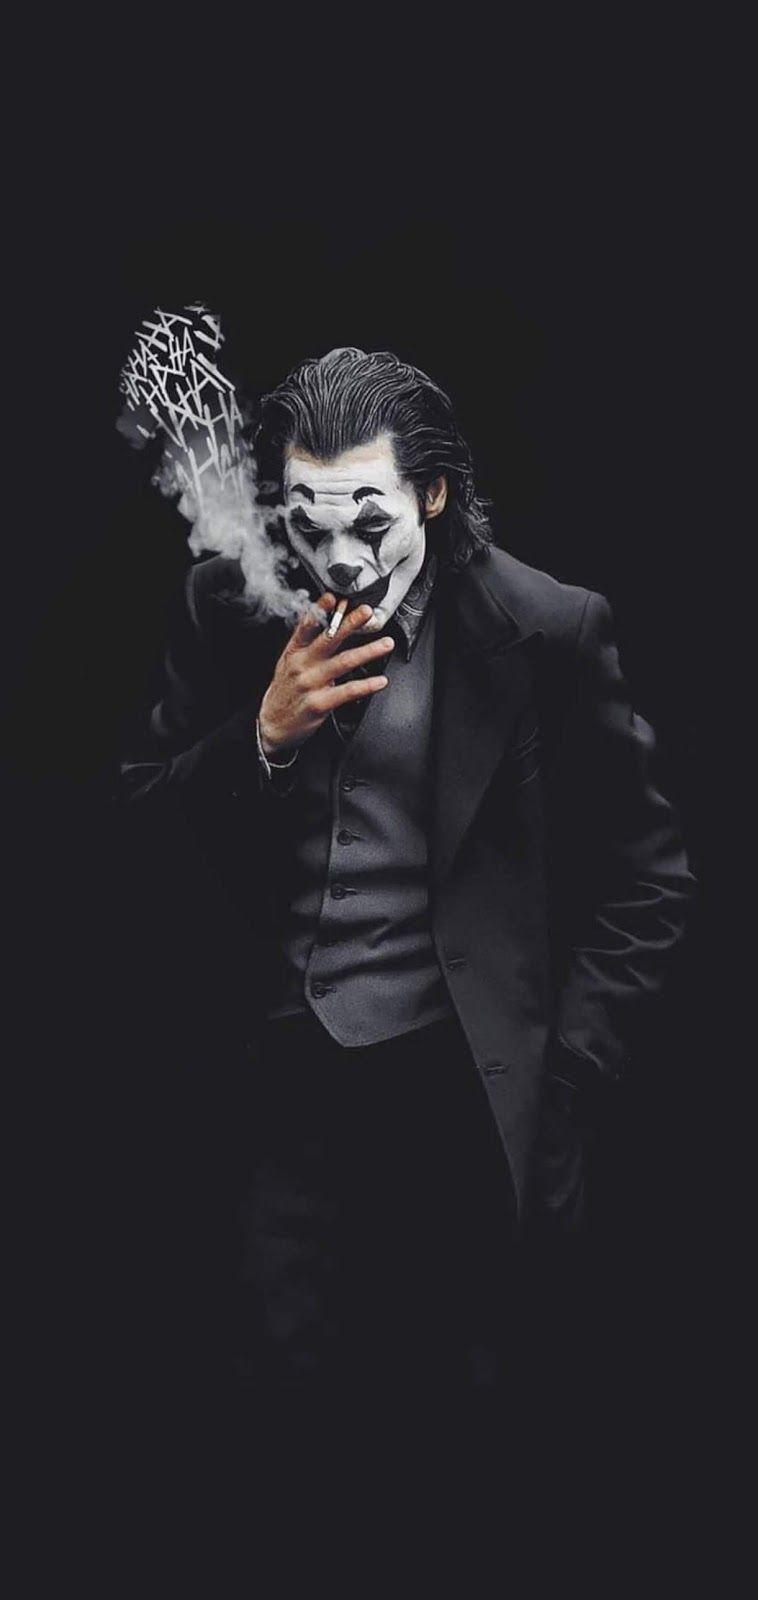 Joker Fan Edited 2019 Mobile Wallpaper Joker Hd Wallpaper Joker